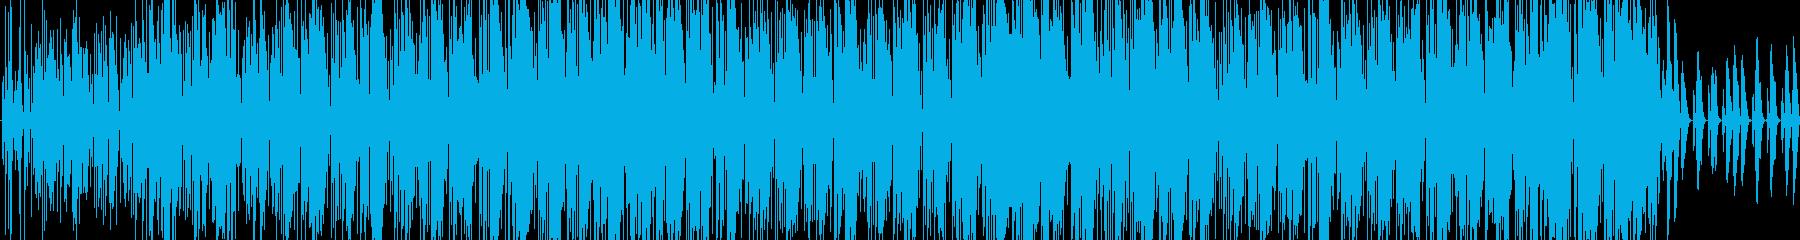 サルサ。シンプルなピアノコードとグ...の再生済みの波形